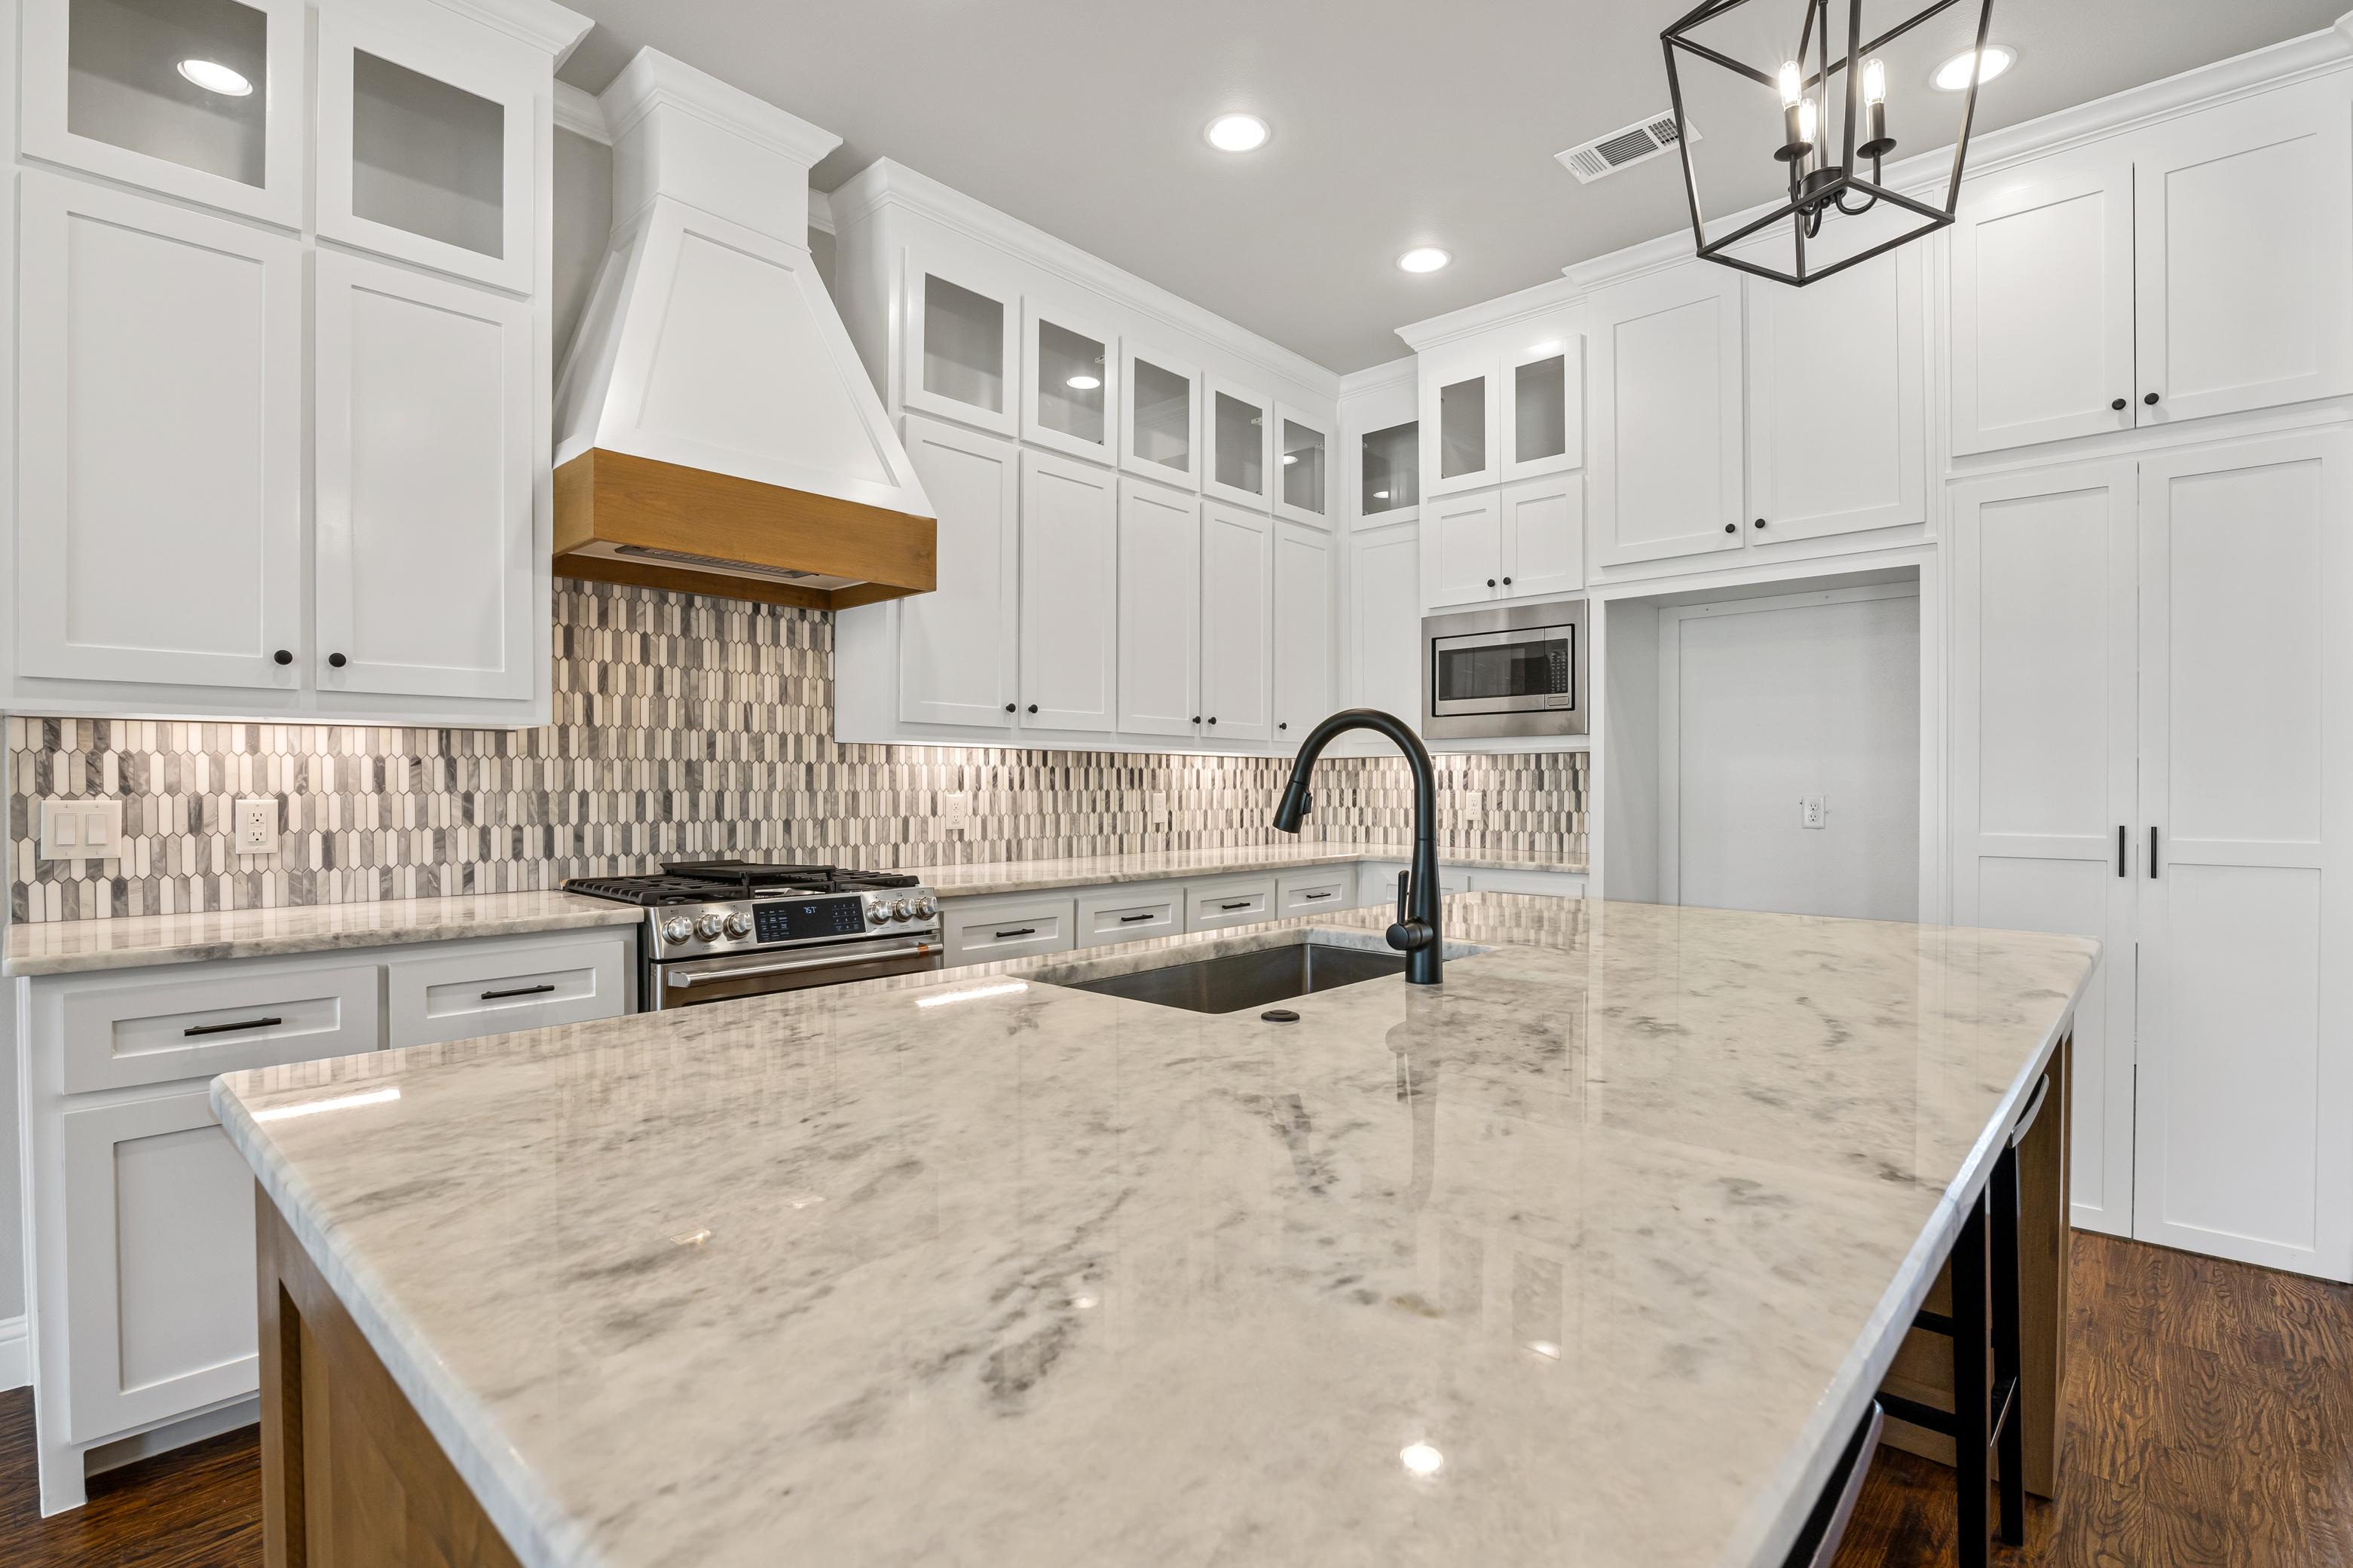 https://0201.nccdn.net/4_2/000/000/002/a7e/kitchen-wide-view.jpg